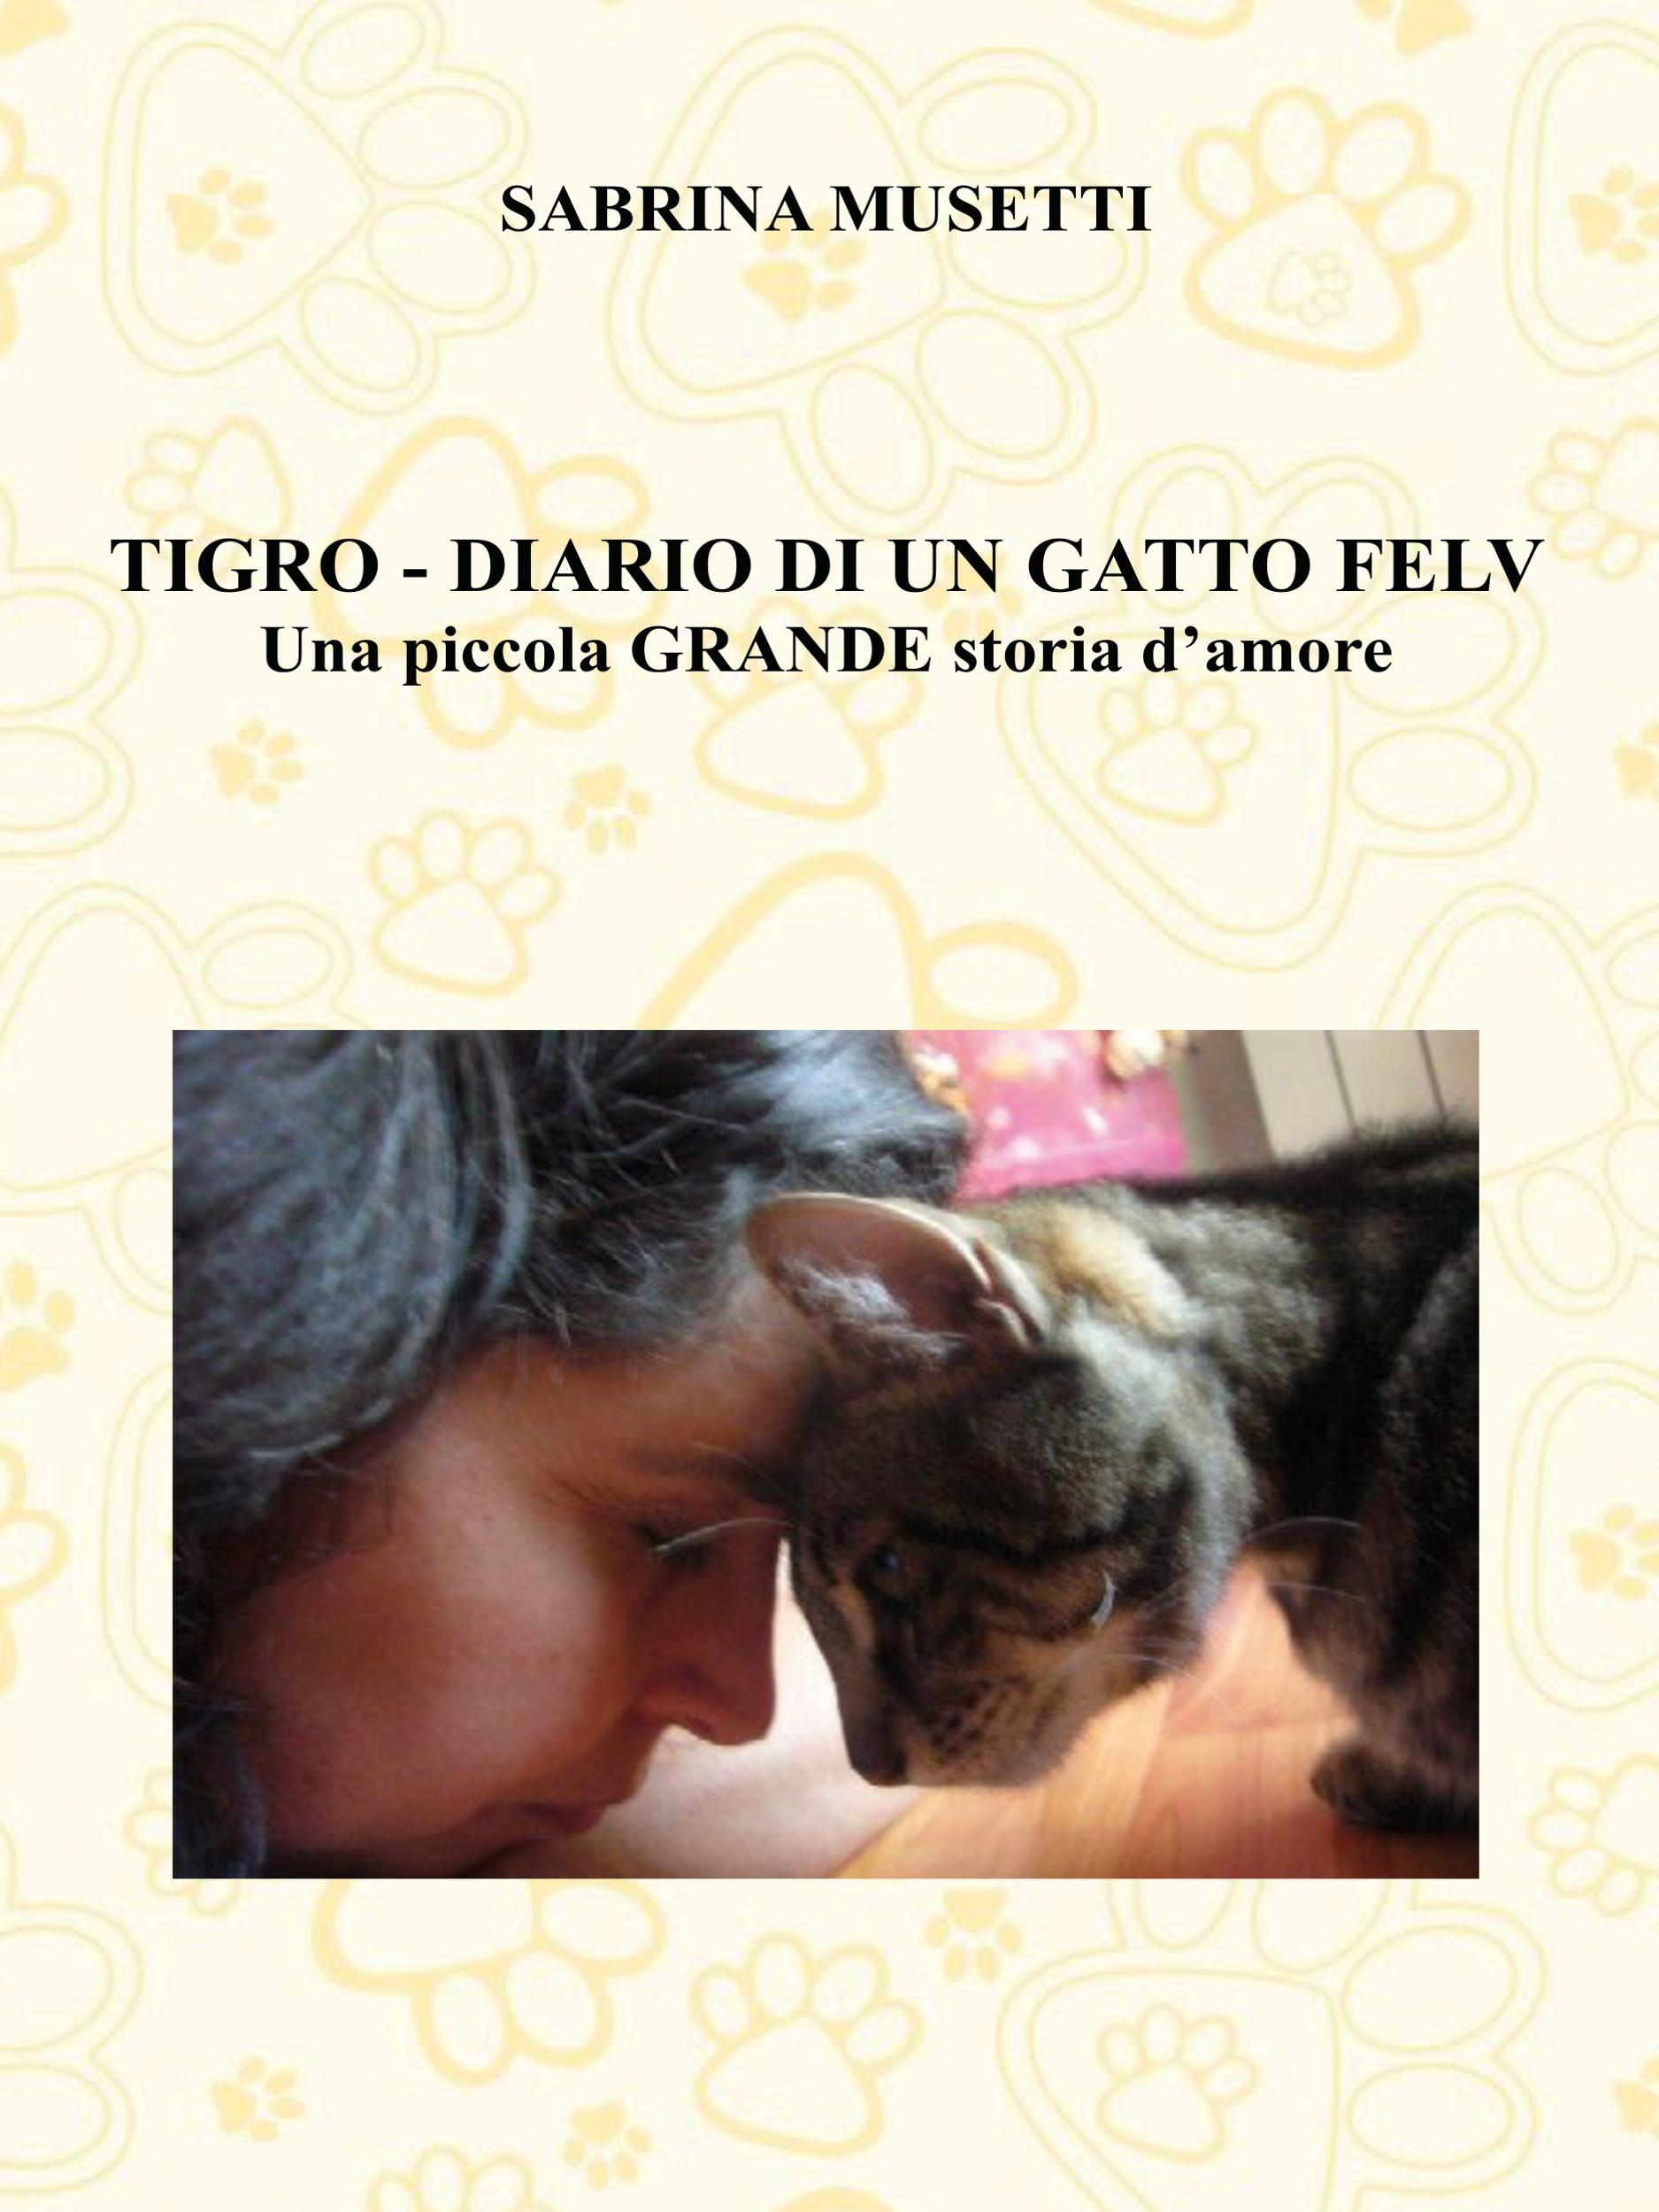 Tigro - Diario Di Un Gatto Felv - Una piccola grande storia d'amore